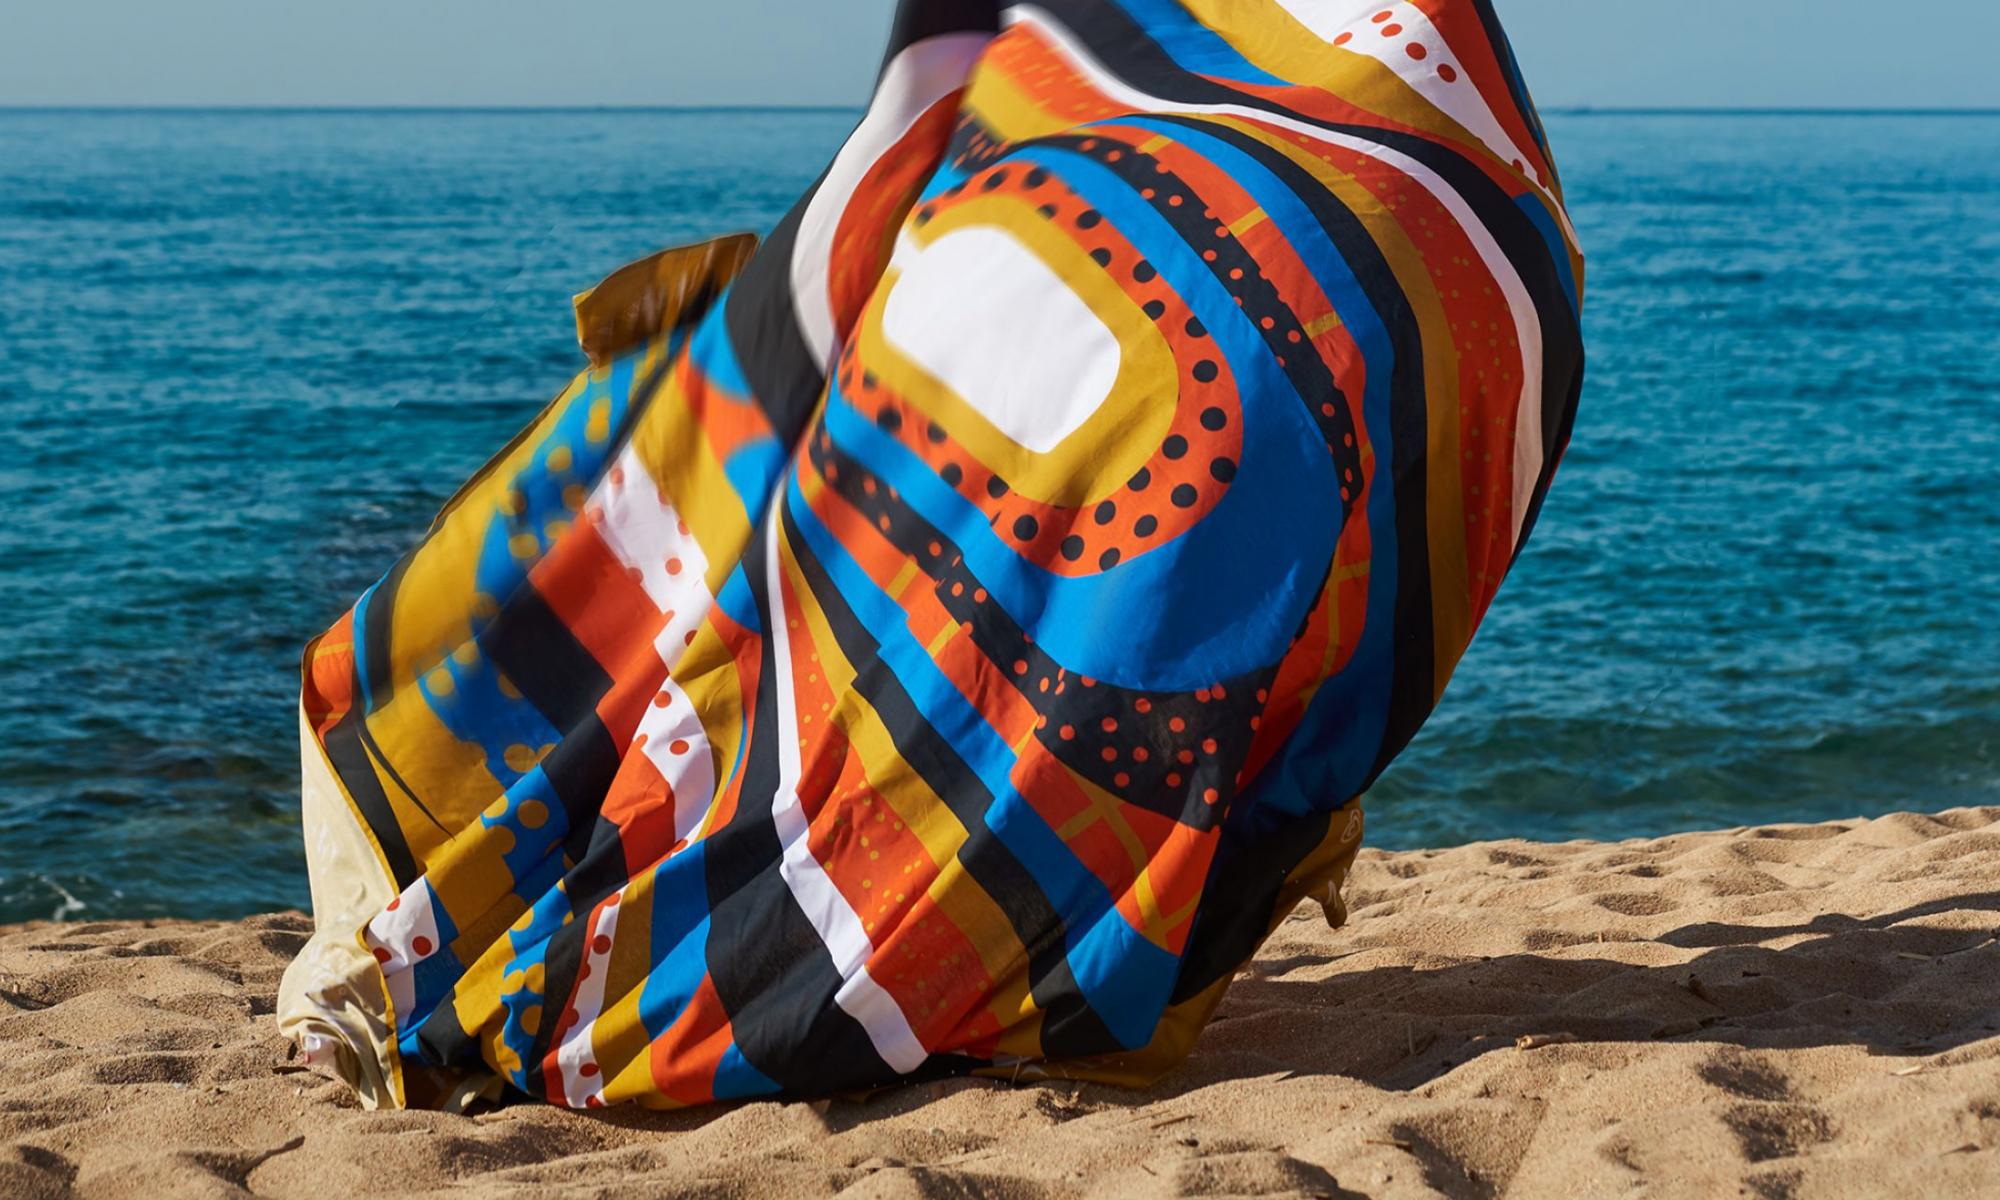 Giant Beach Towels